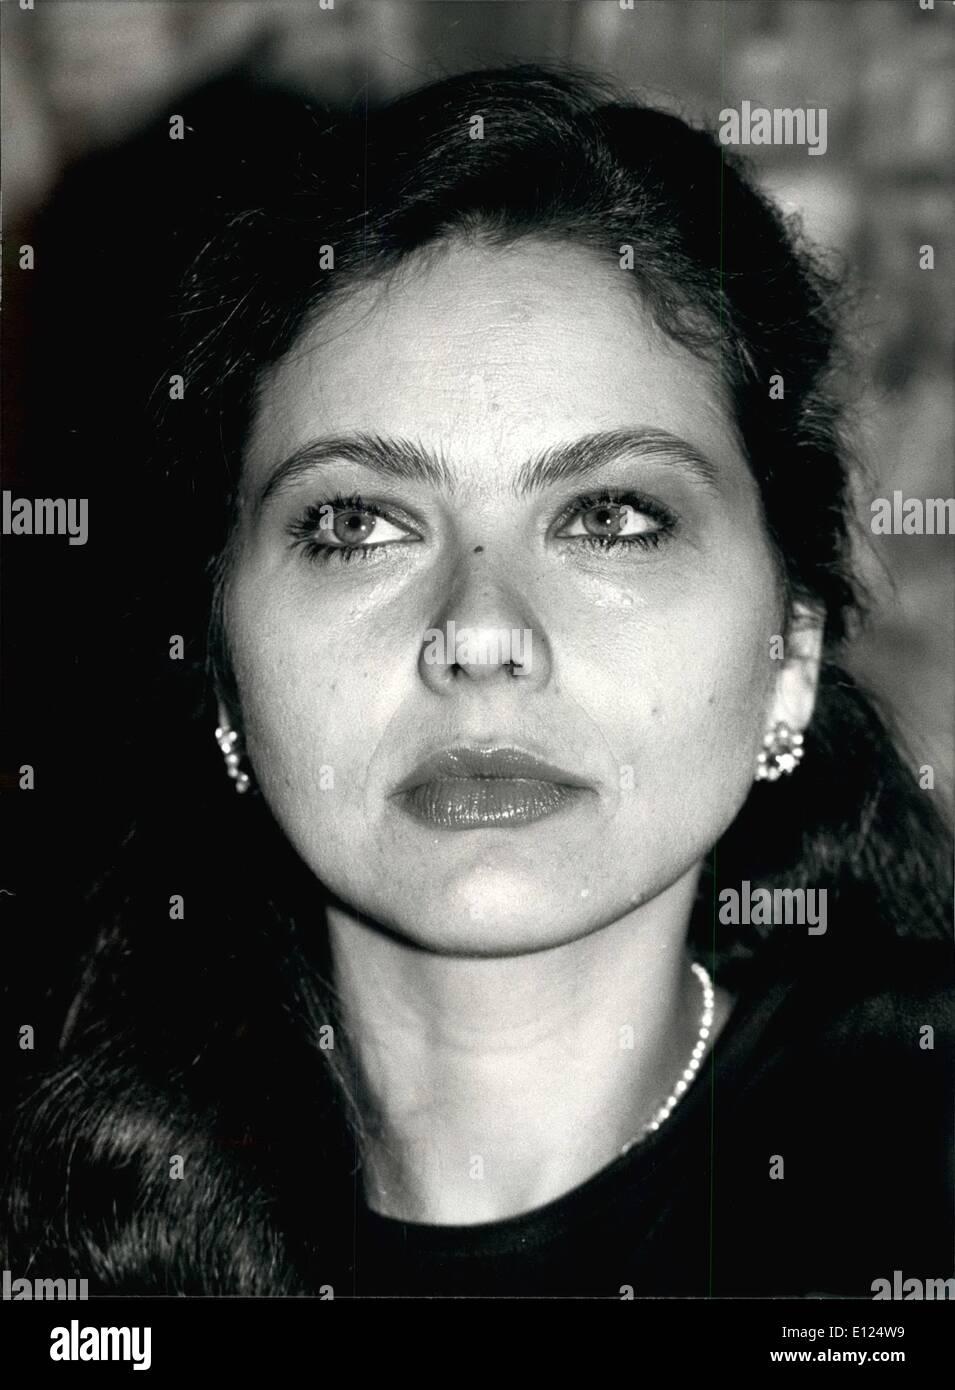 Mar. 03, 1991 - Ornella Muti : For your filers: Italian actress Ornella Muti. .c Stock Photo